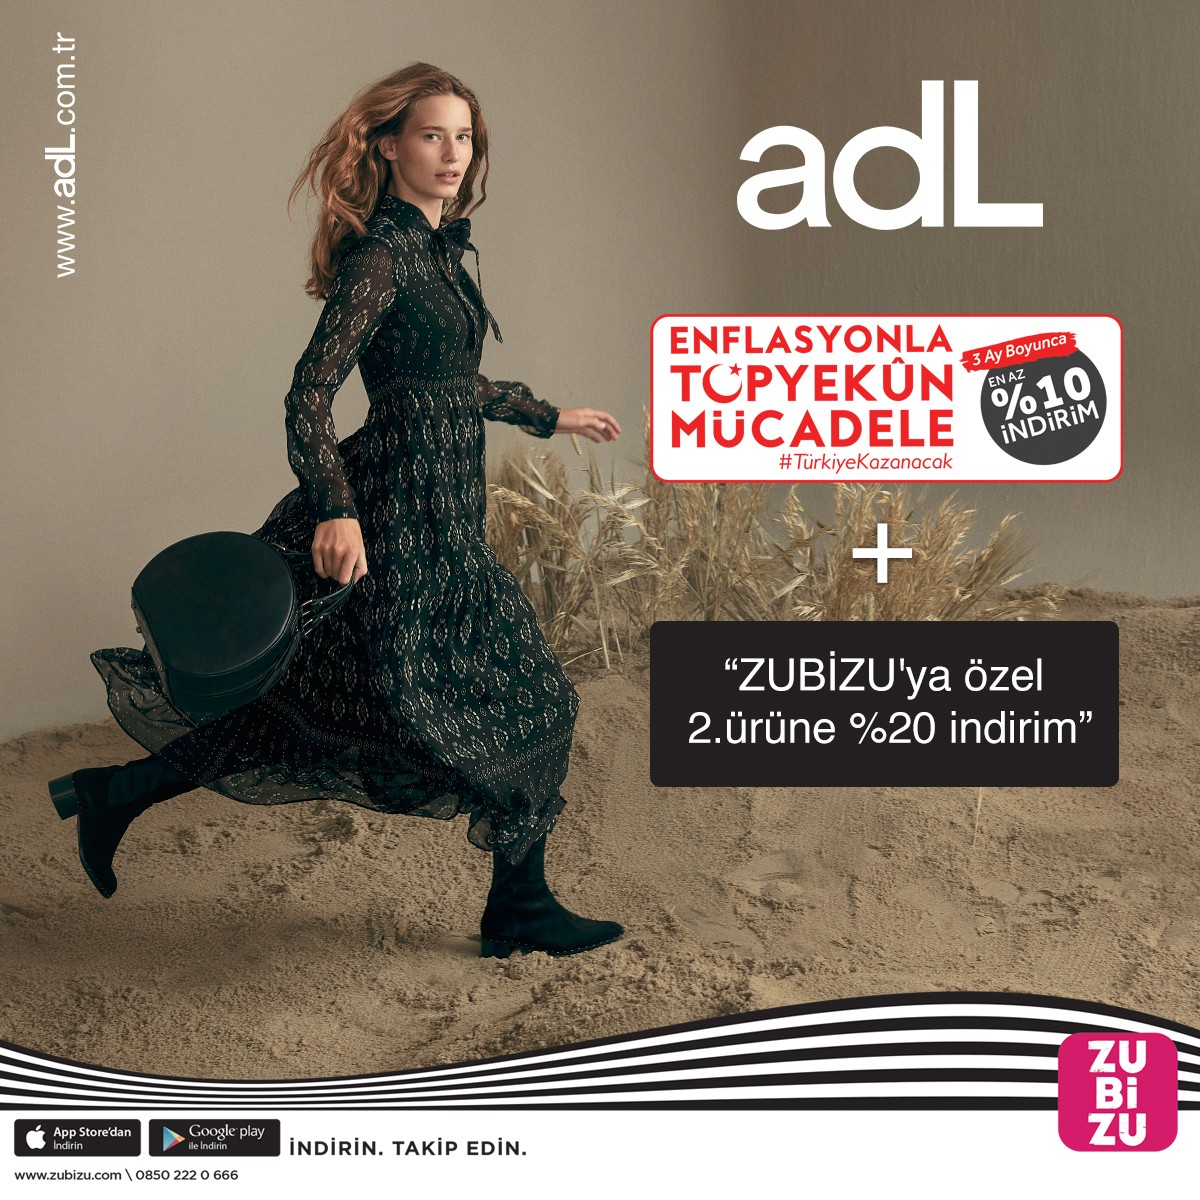 adL'de %10 indirime ek, Zubiyu'ya özel 2. ürüne %20 indirim fırsatını kaçırmayın! Kampanya koşulları ile ilgili detaylı bilgi için #AntalyaMigros AVM adL mağazasını ziyaret edebilirsiniz.